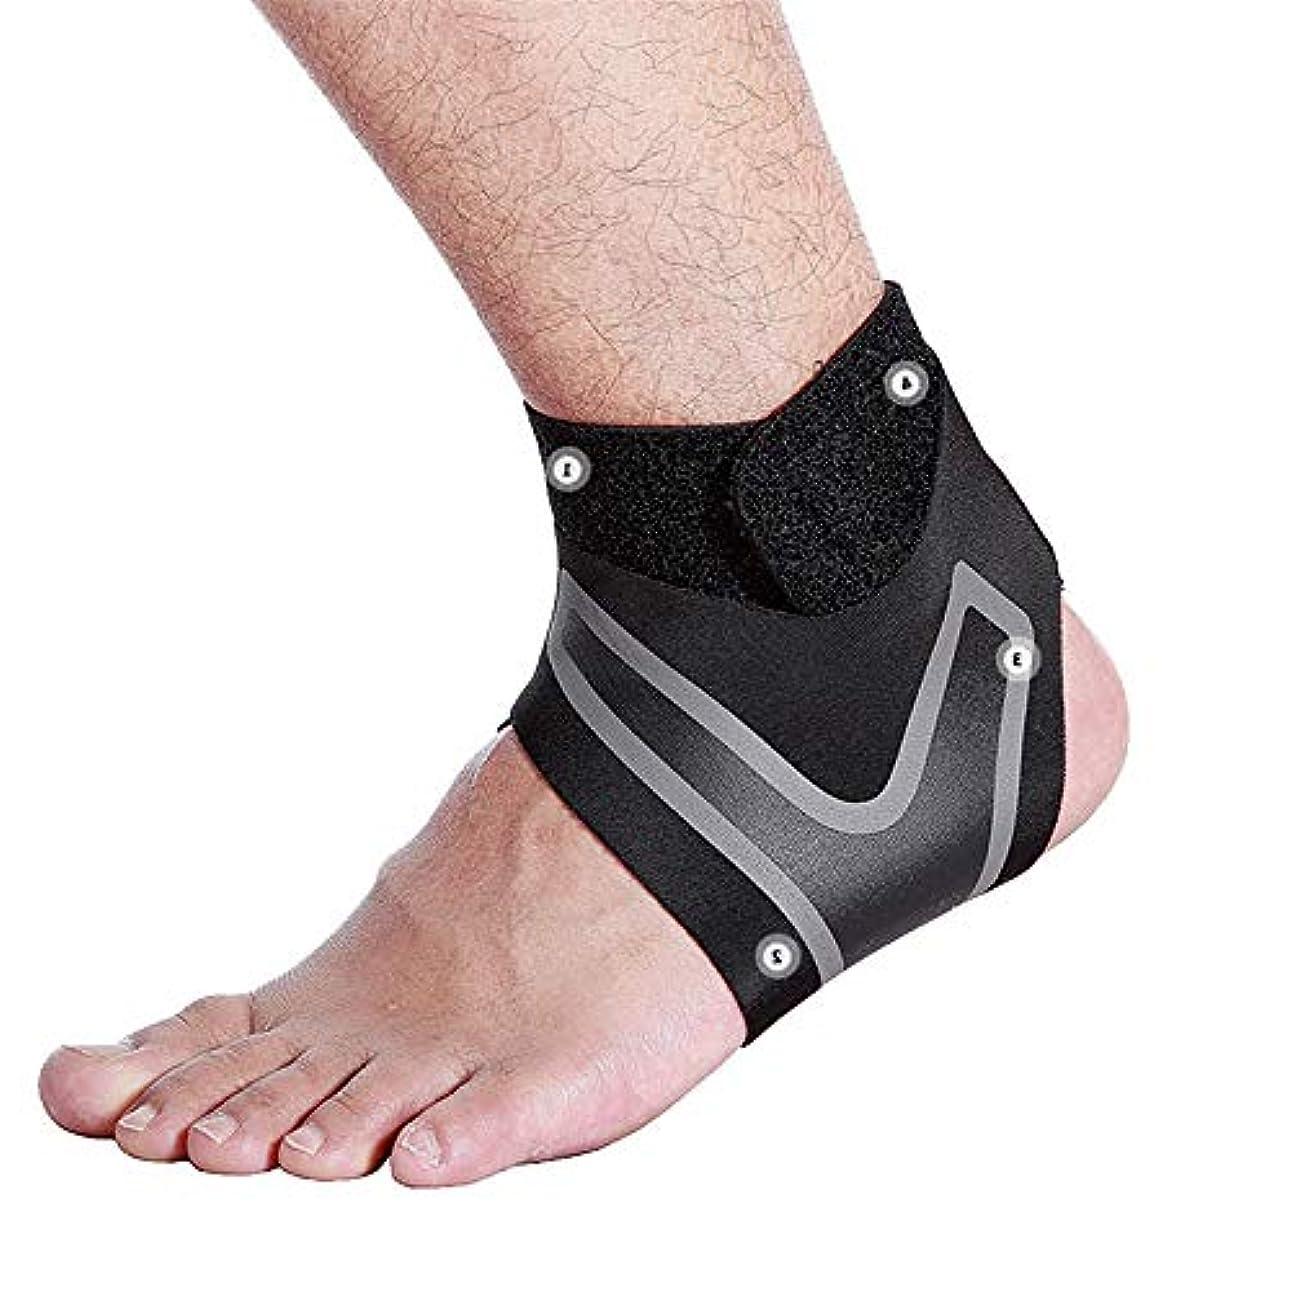 露出度の高い覆す流用する男性と女性用のアンクルブレース、調節可能な圧縮足首サポートラップ、足底筋膜炎用の完璧な足首スリーブ、アキレス腱、小さな捻rain、すべてに合うサイズ